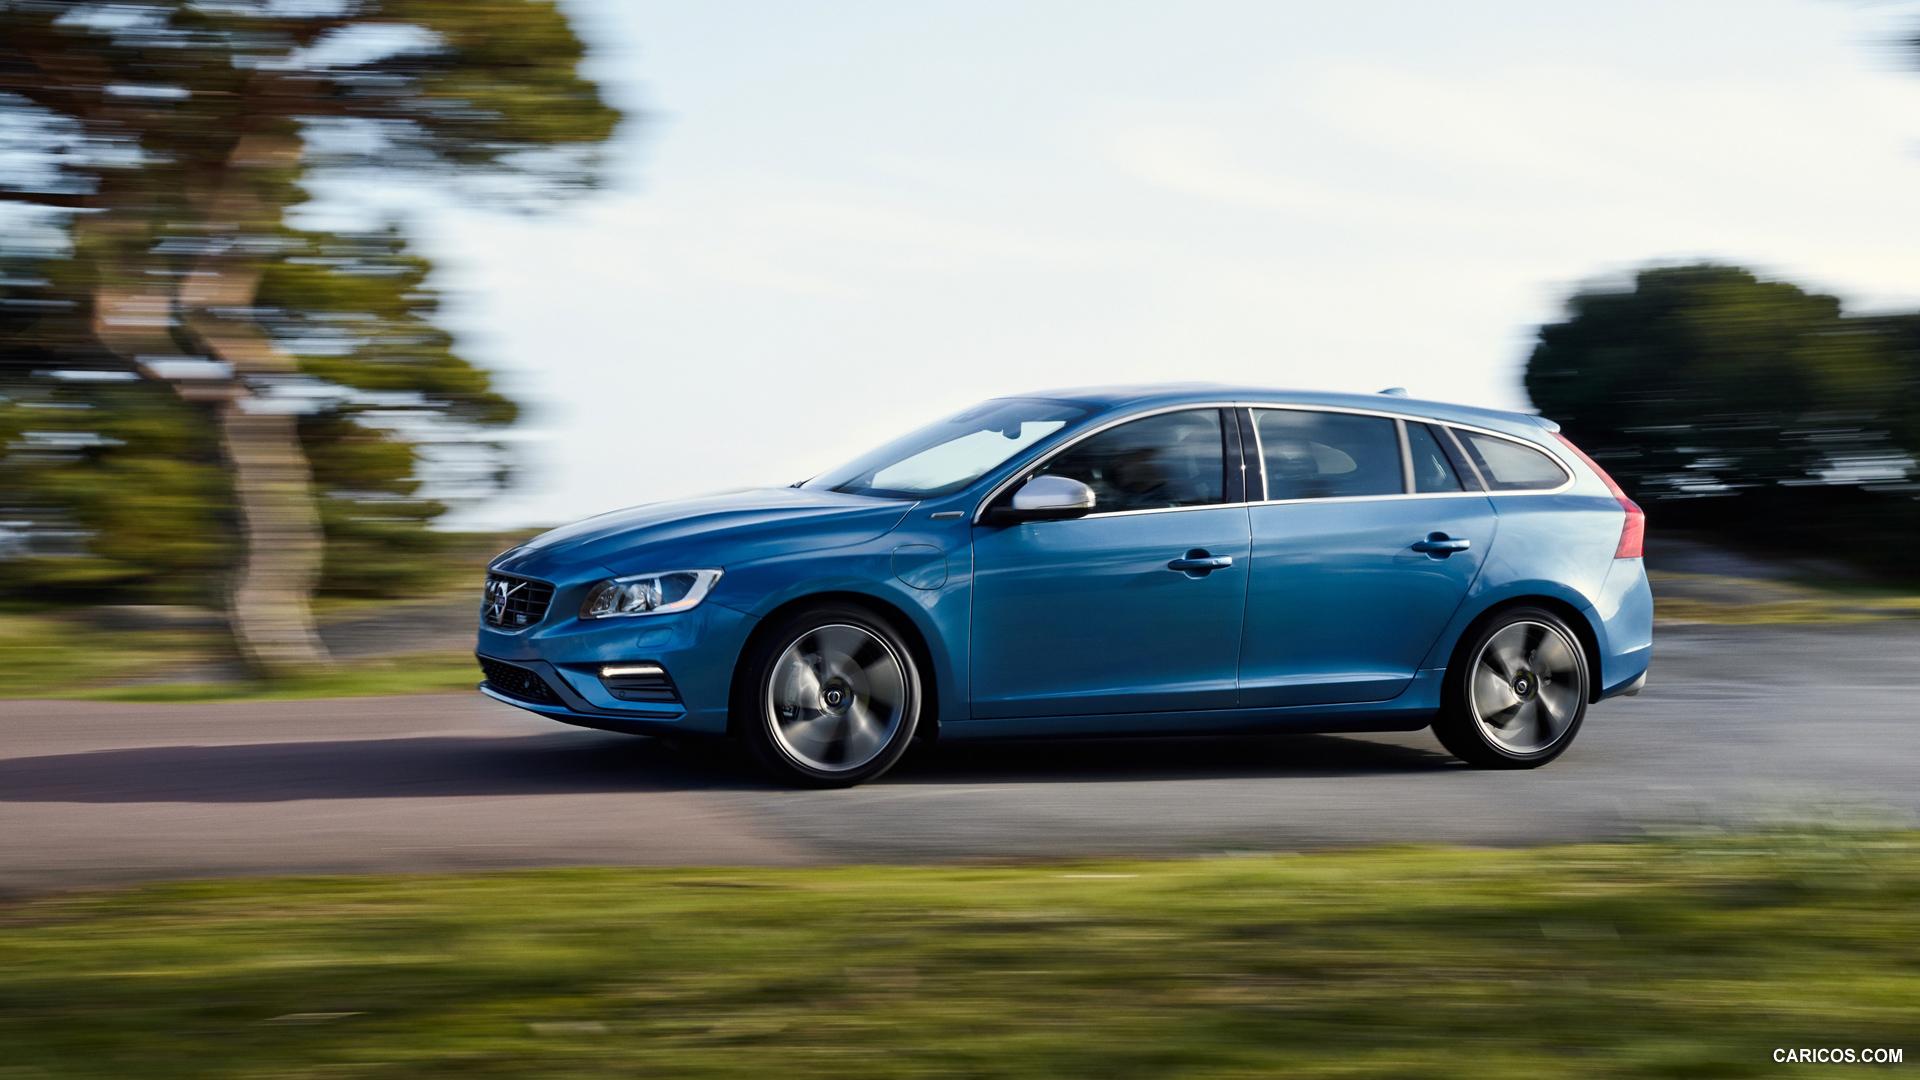 Laadpaal plaatsen voor een Volvo V60 D6 AWD? - ENGIE